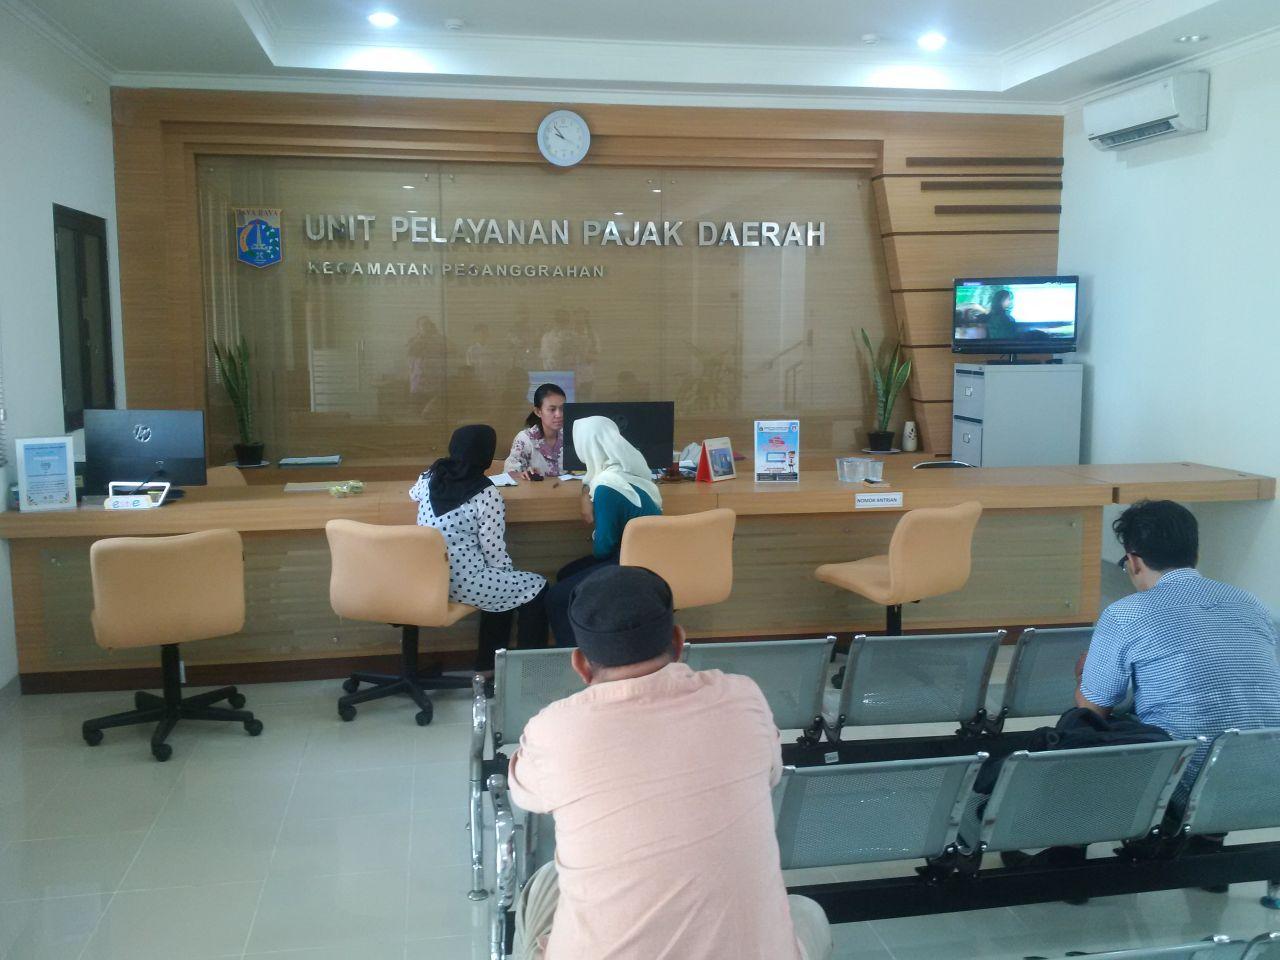 Ruang Pelayanan baru UPPD Pesanggrahan